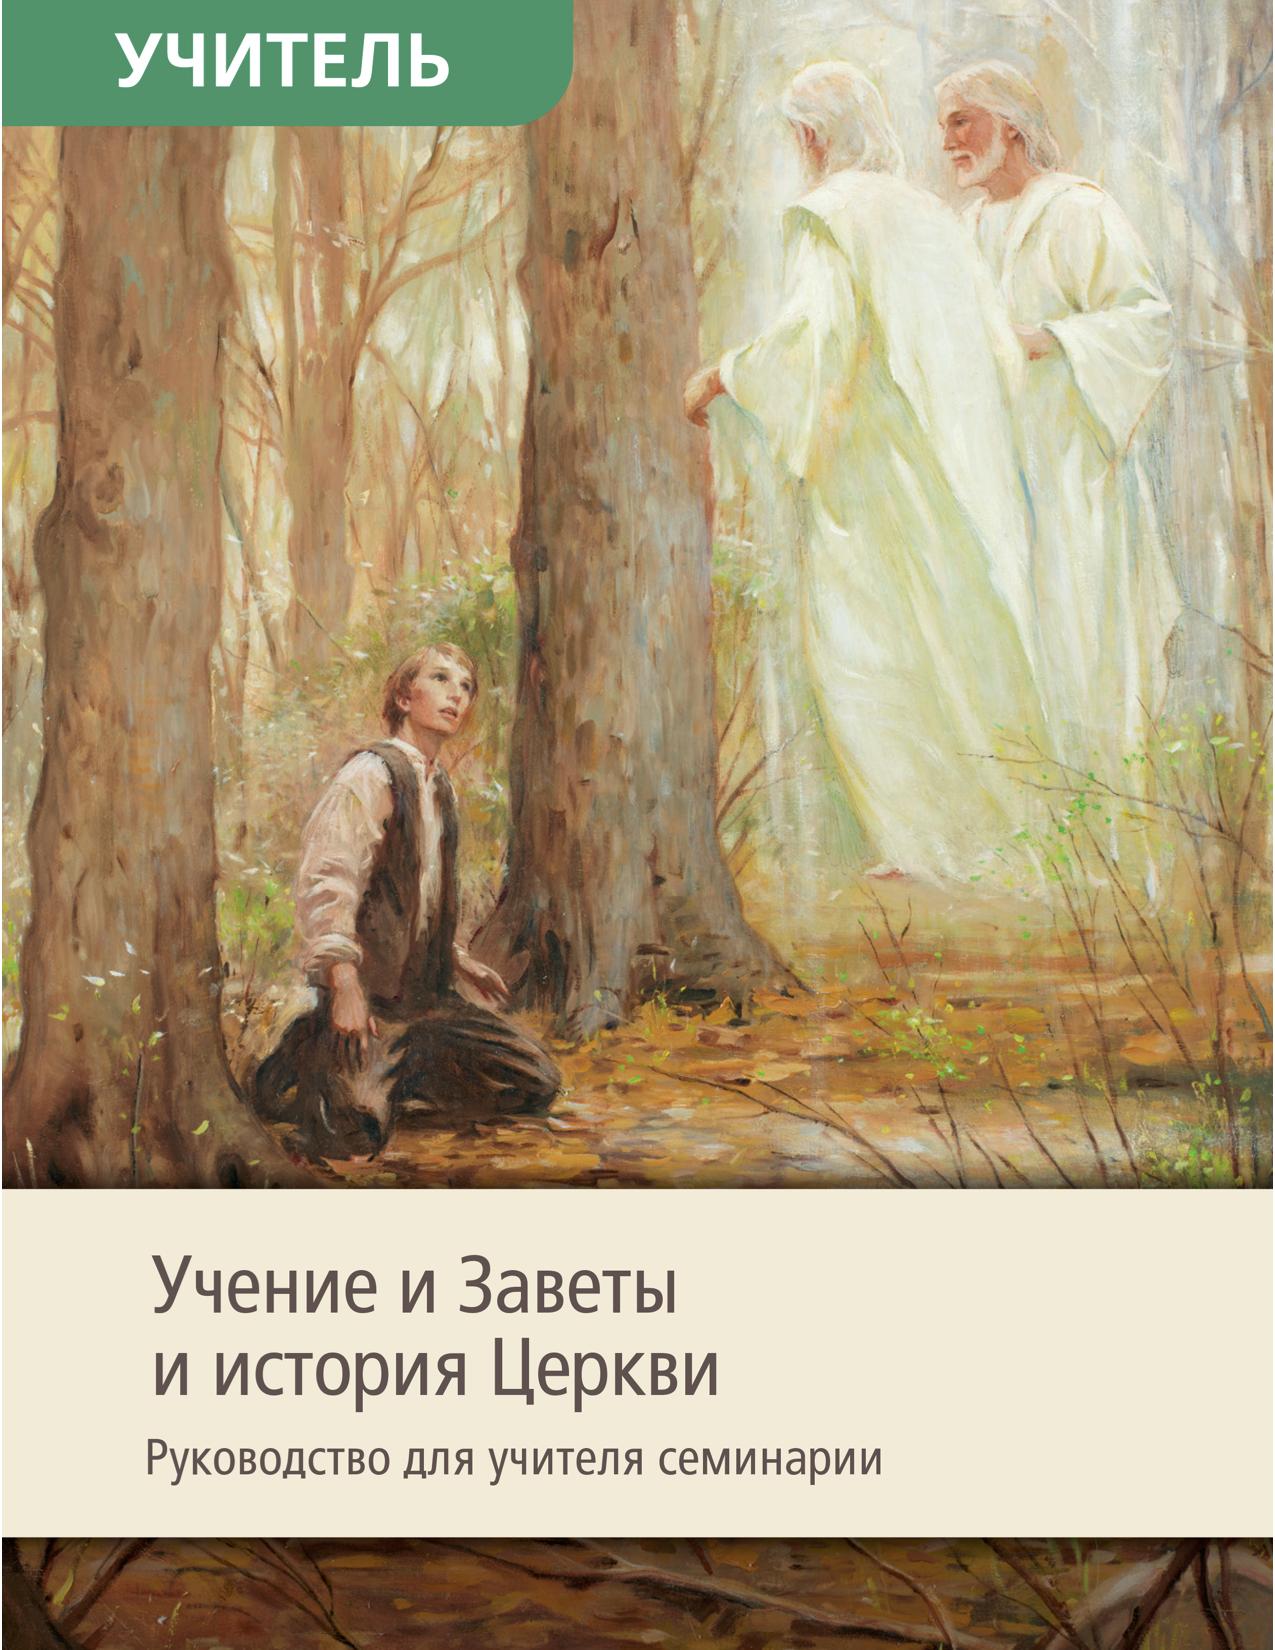 Учение и Заветы и история Церкви. Руководство для учителя семинарии